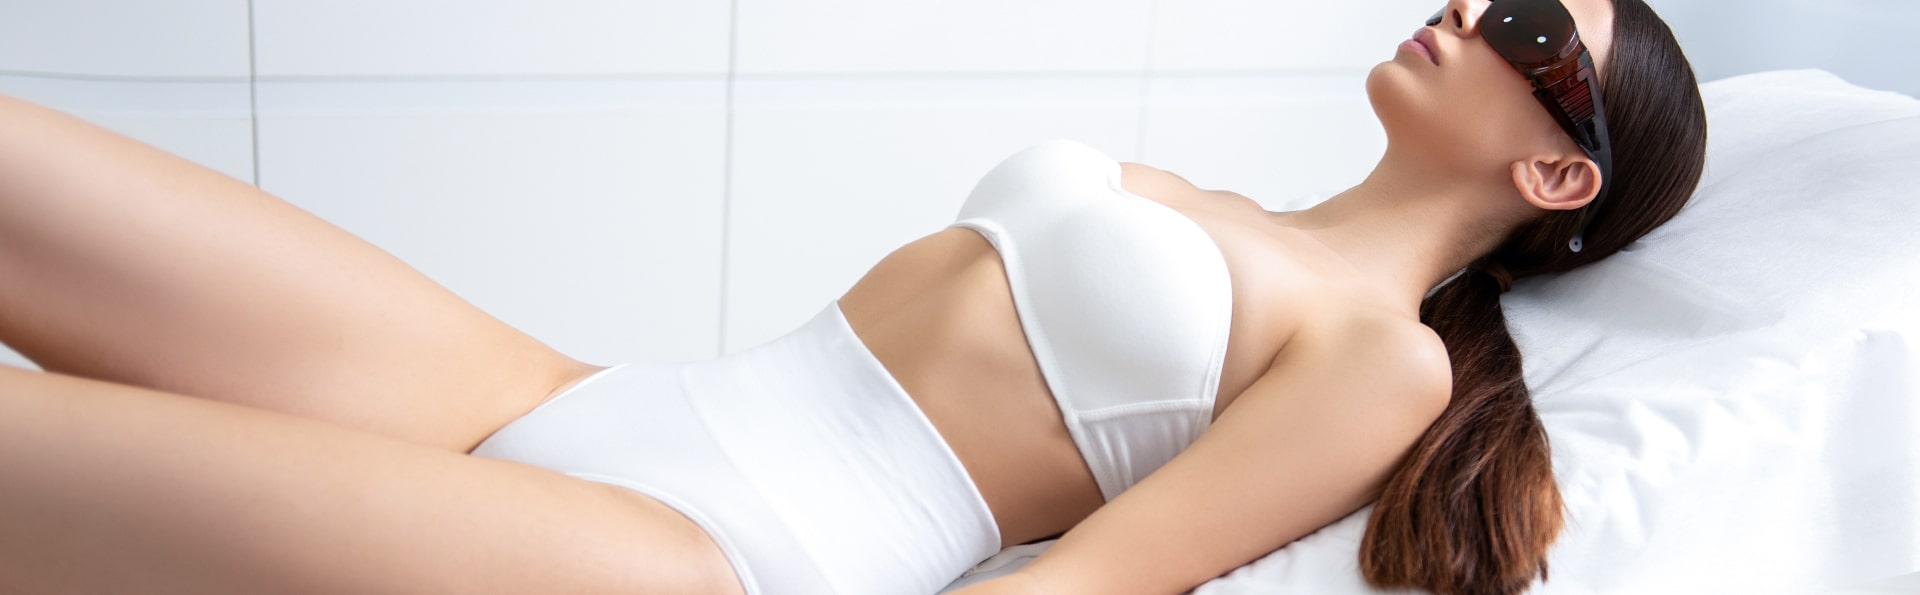 Коррекция тела